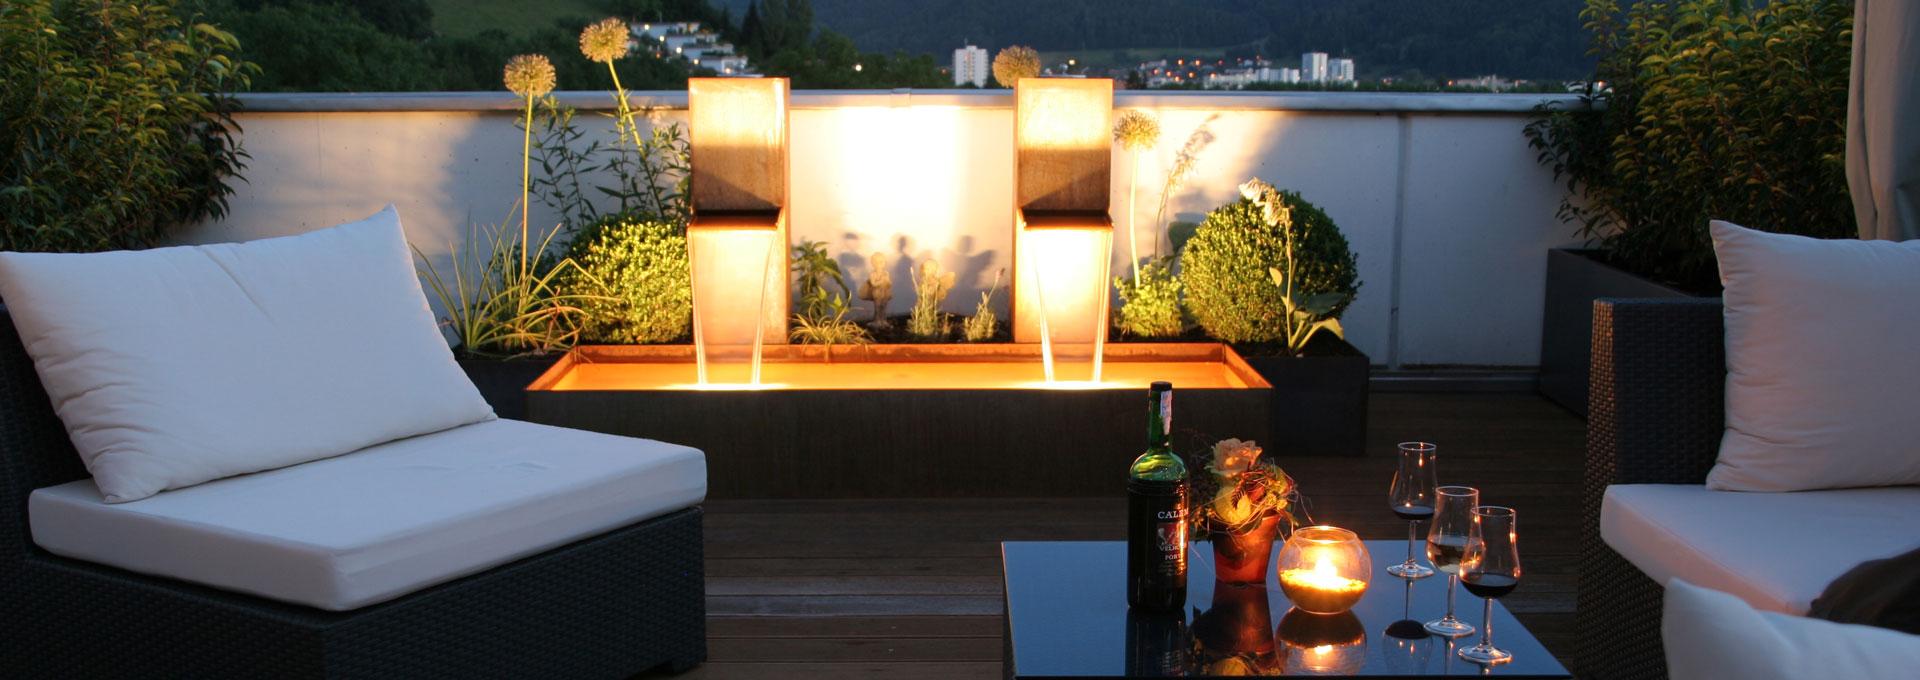 gartensitzplatz und gartenlounge. Black Bedroom Furniture Sets. Home Design Ideas